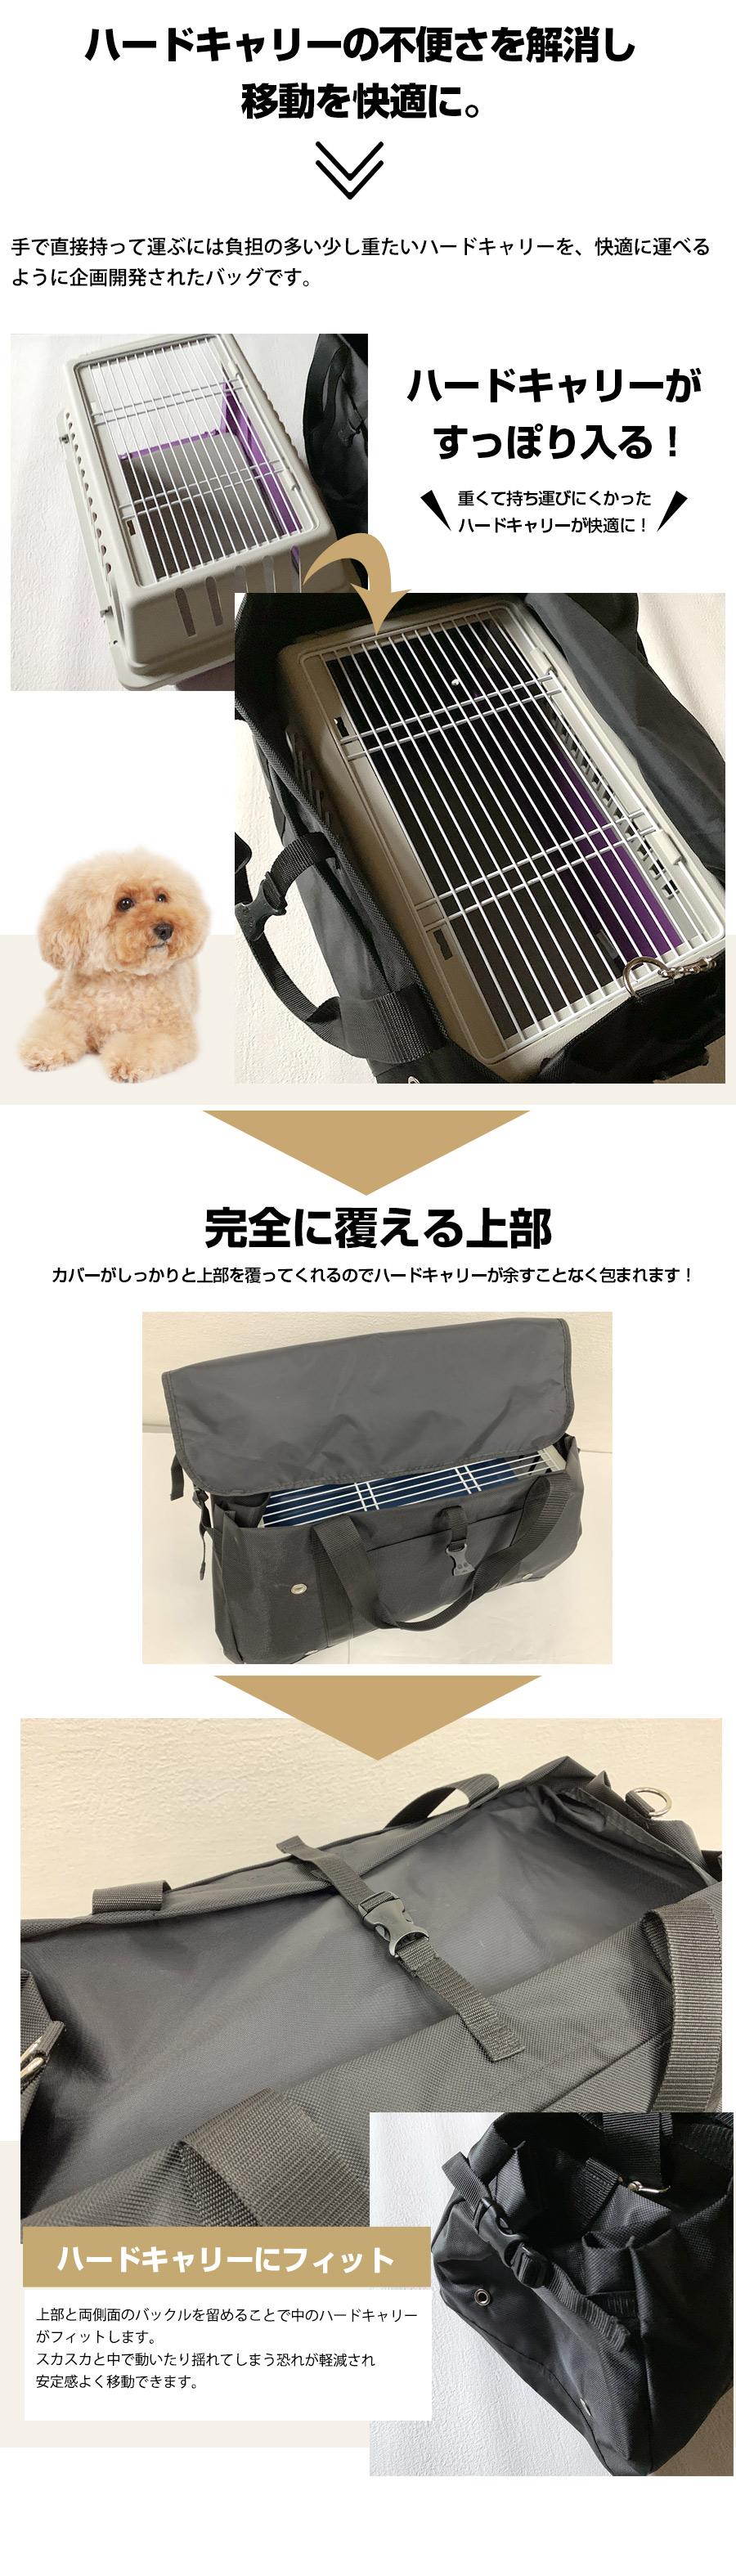 ハードキャリーの不便さを解消し移動を快適にするバッグ